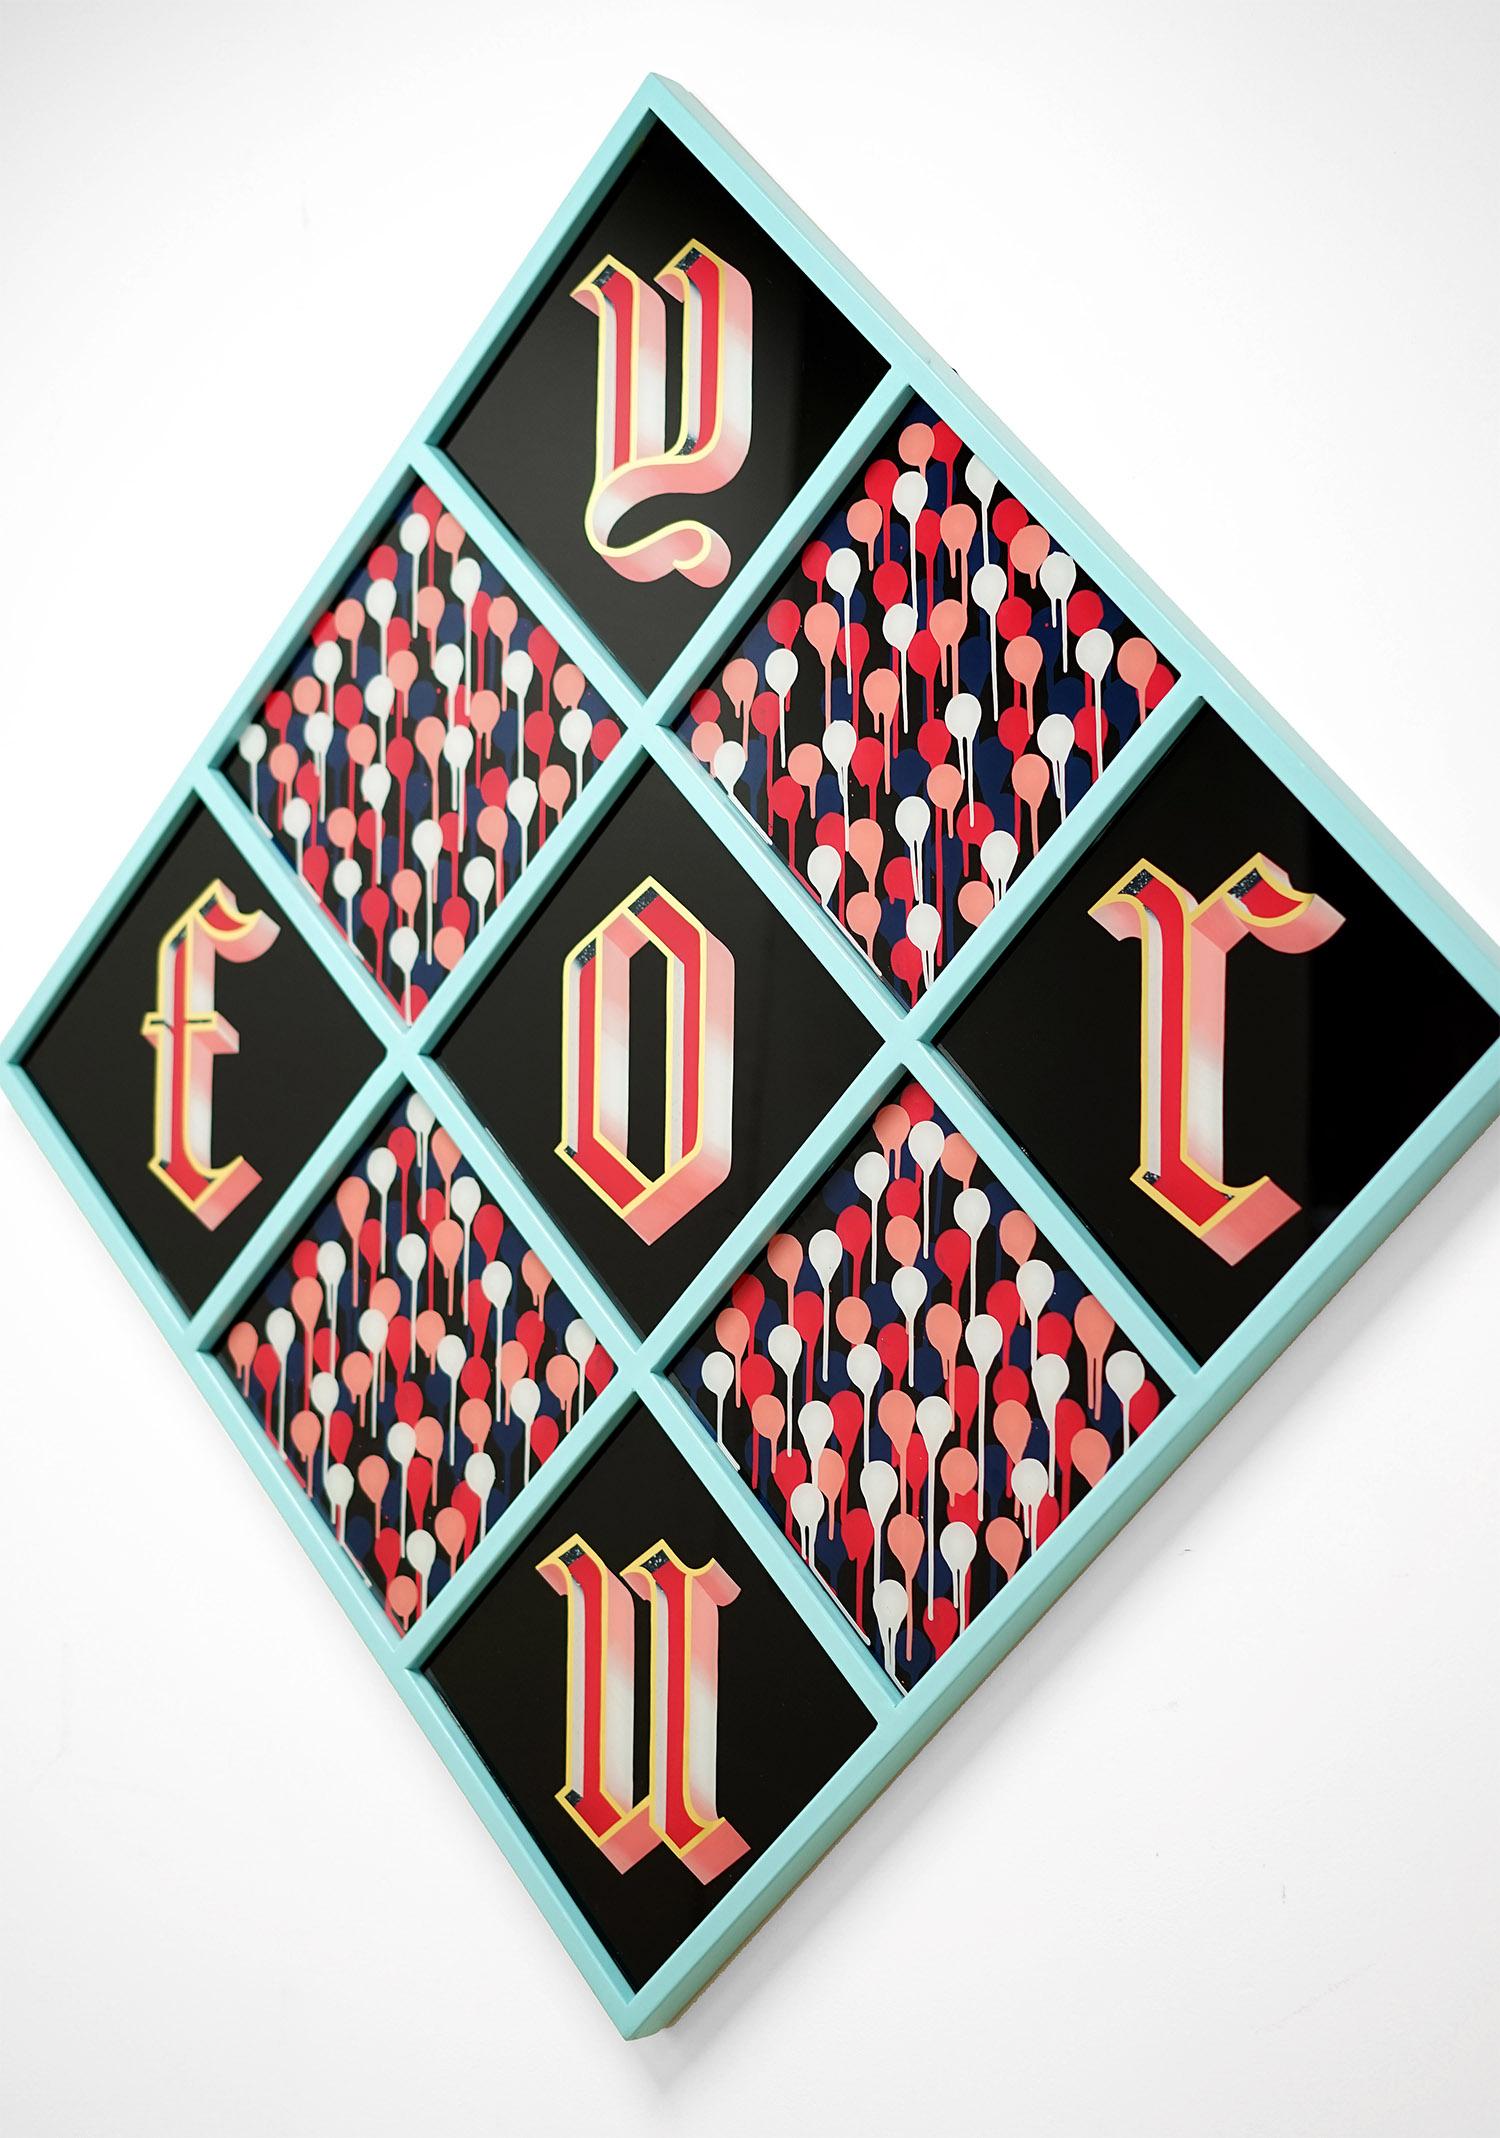 FORYOU-detail3.jpg